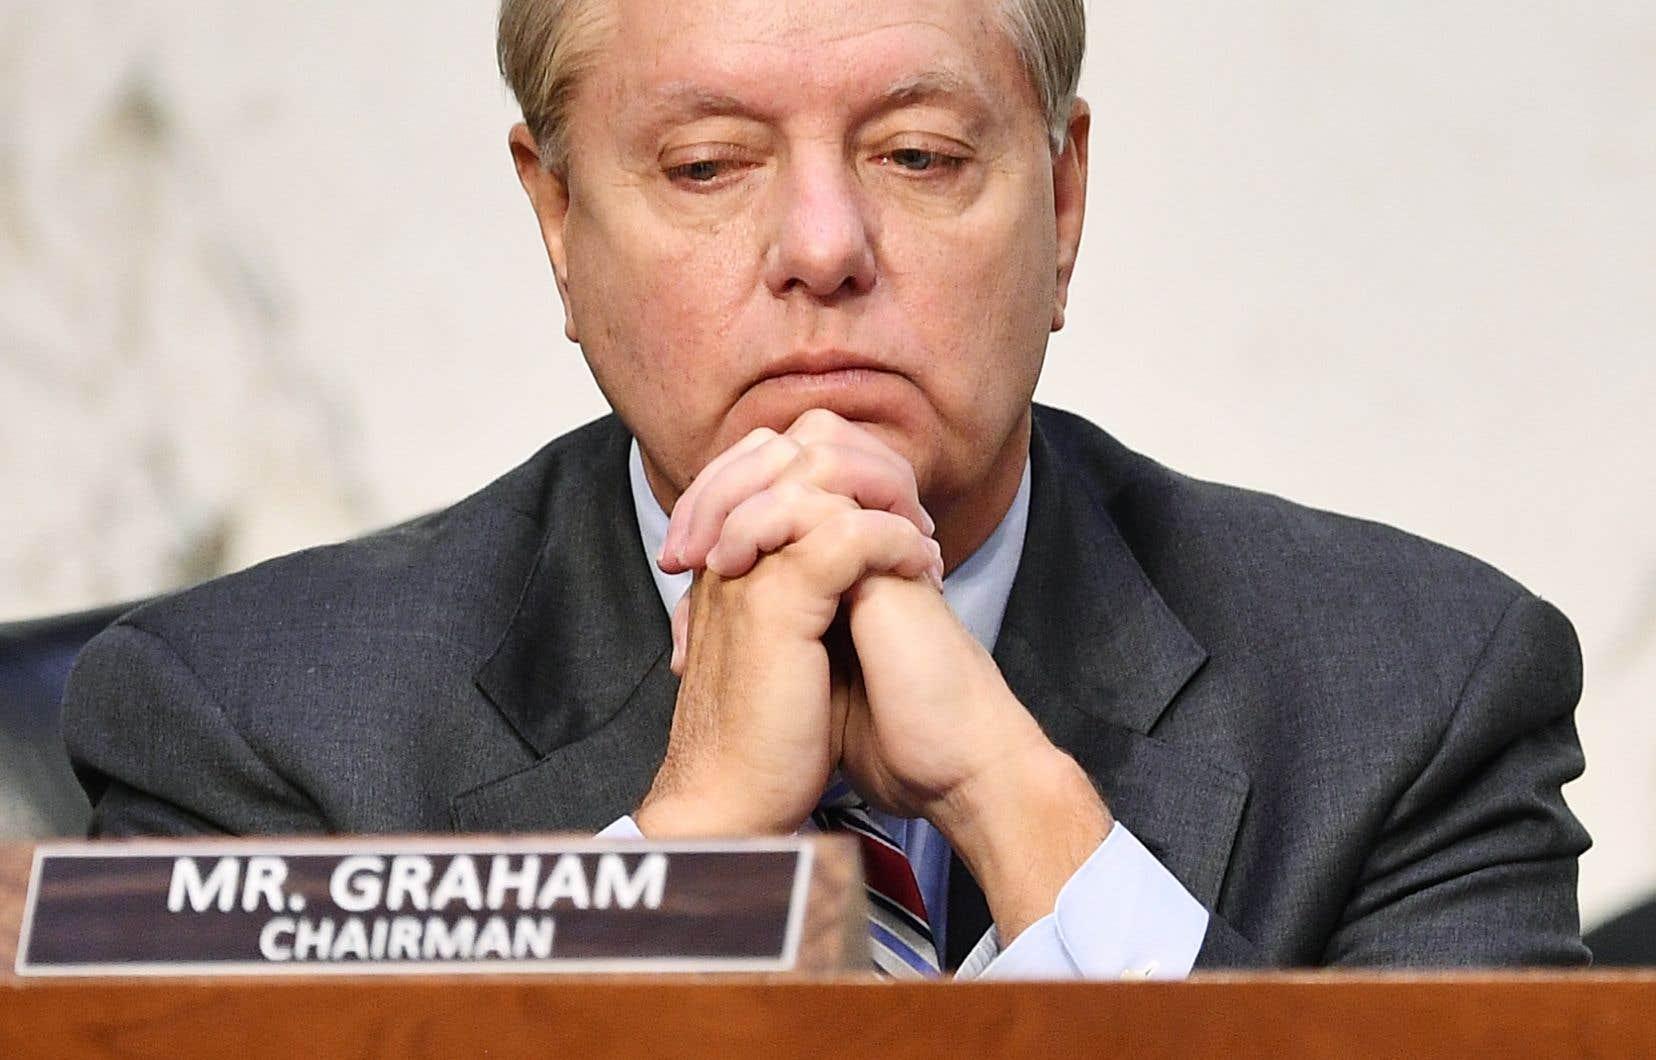 Le sénateur Lindsey Graham, très proche de Donald Trump, a été forcé de prendre acte de l'avance de Joe Biden dans les sondages.